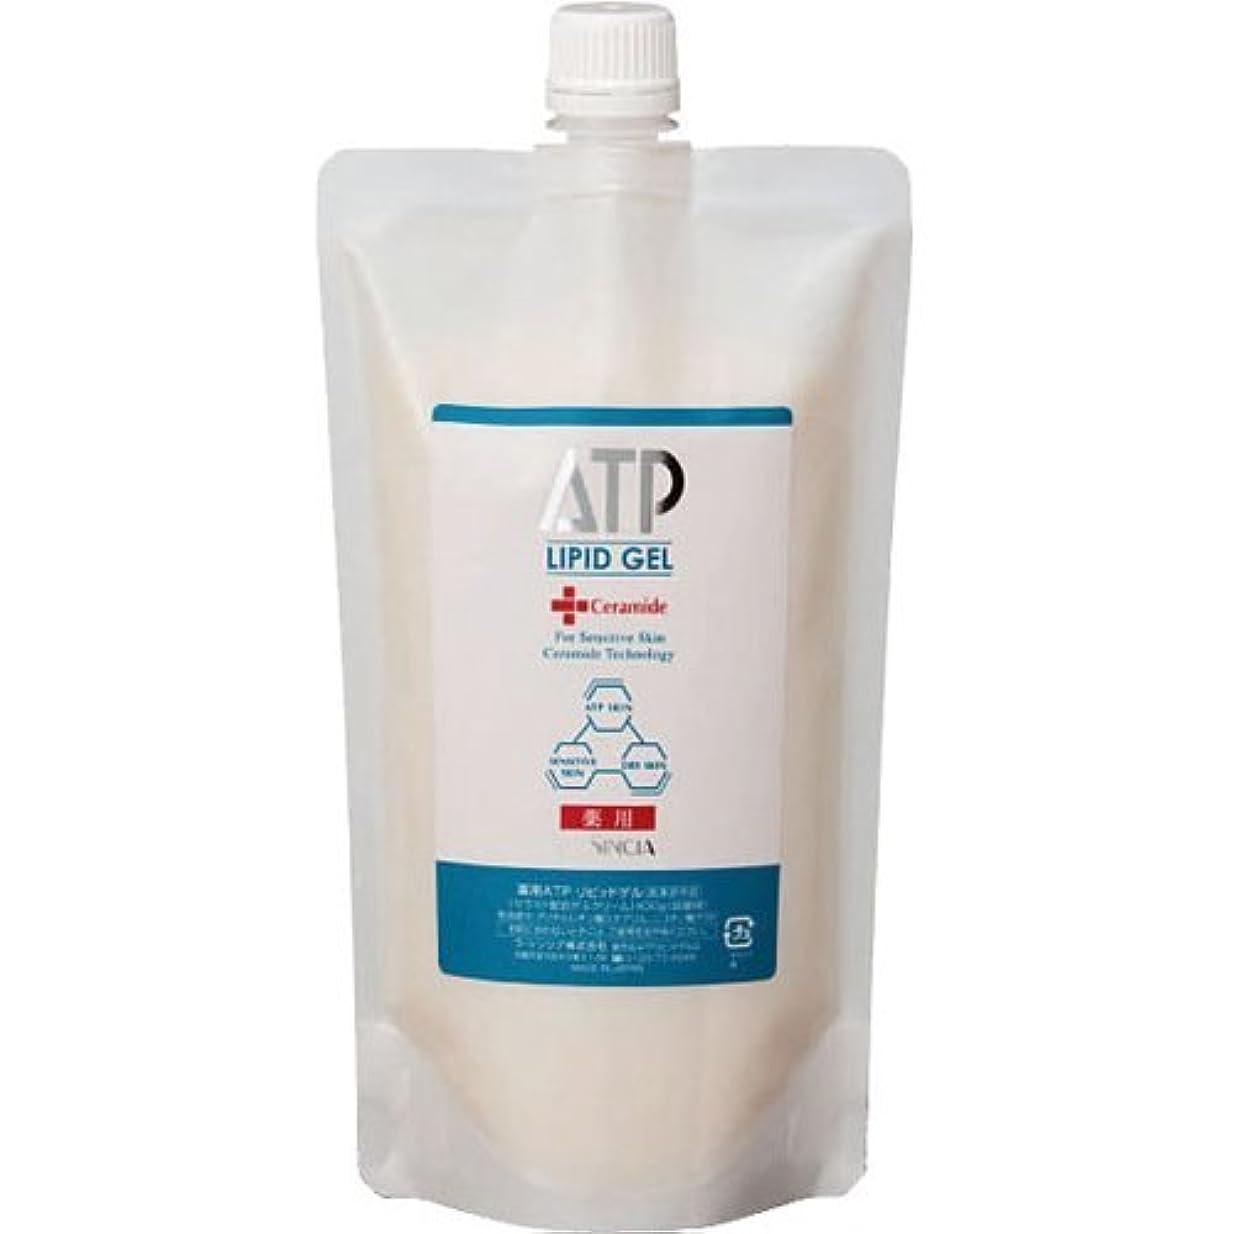 パイル増加するところでラシンシア 薬用ATPリピッドゲル 400g(詰替用) 【セラミド配合ゲルクリーム】